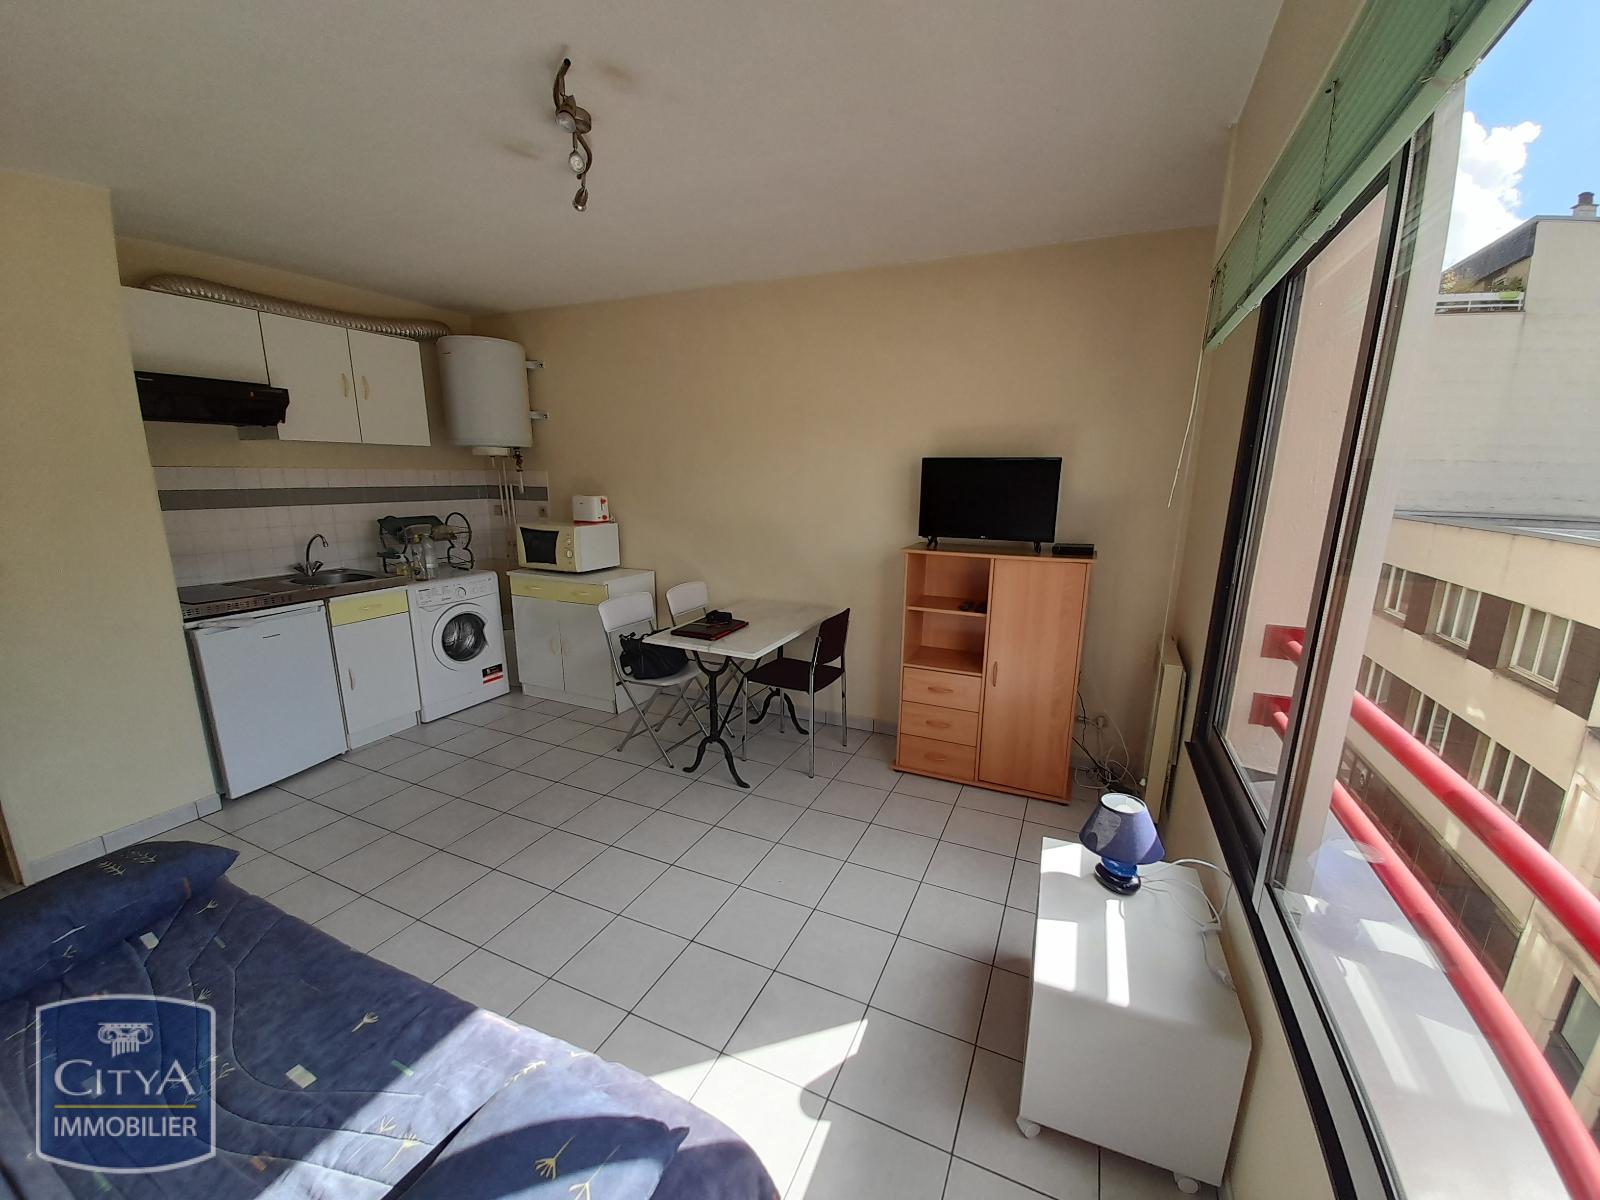 Appartement 1 pièces 22 m²